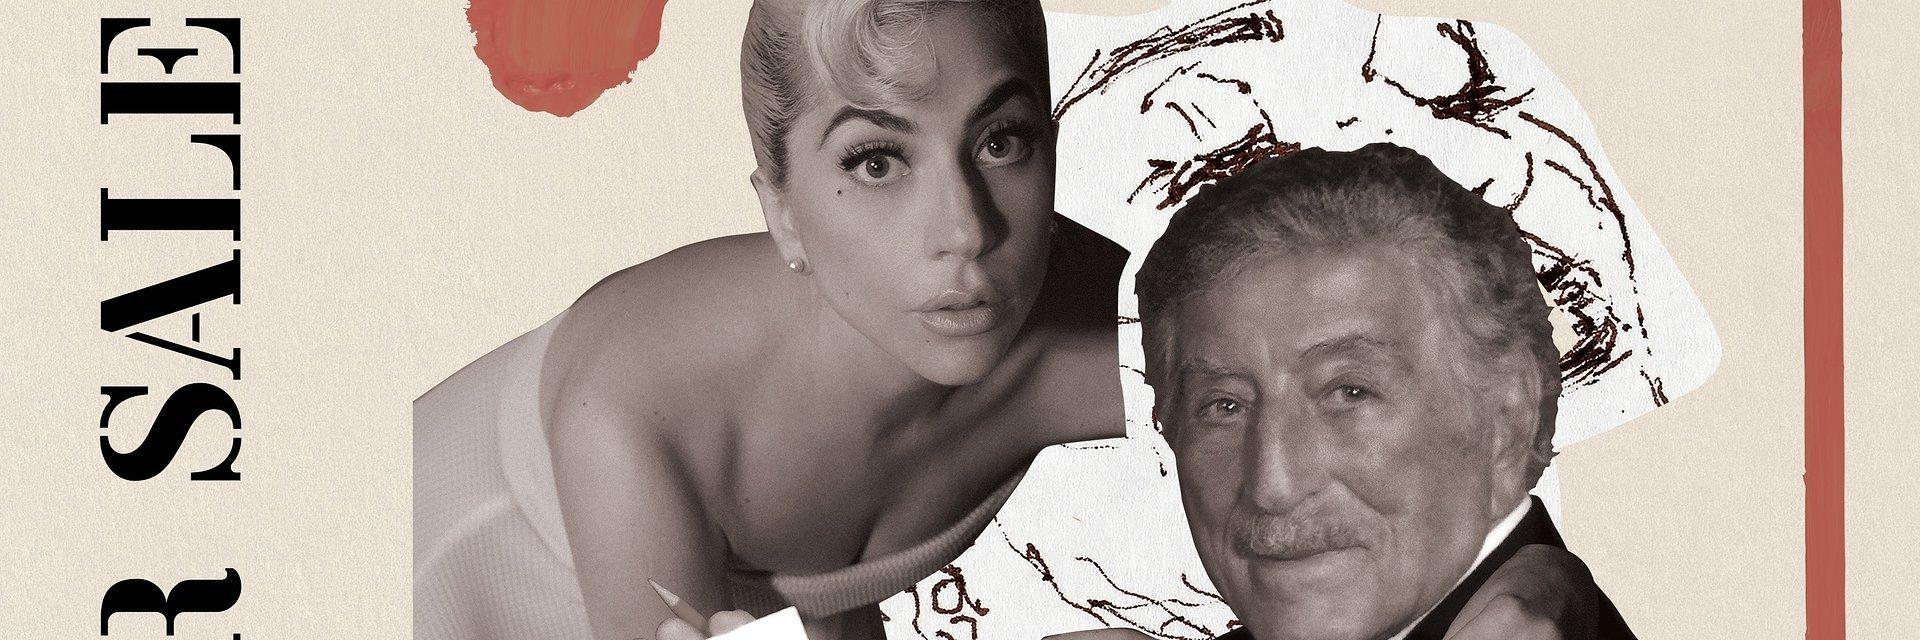 Tony Bennett w Księdze Rekordów Guninessa po premierze płyty z Lady Gagą